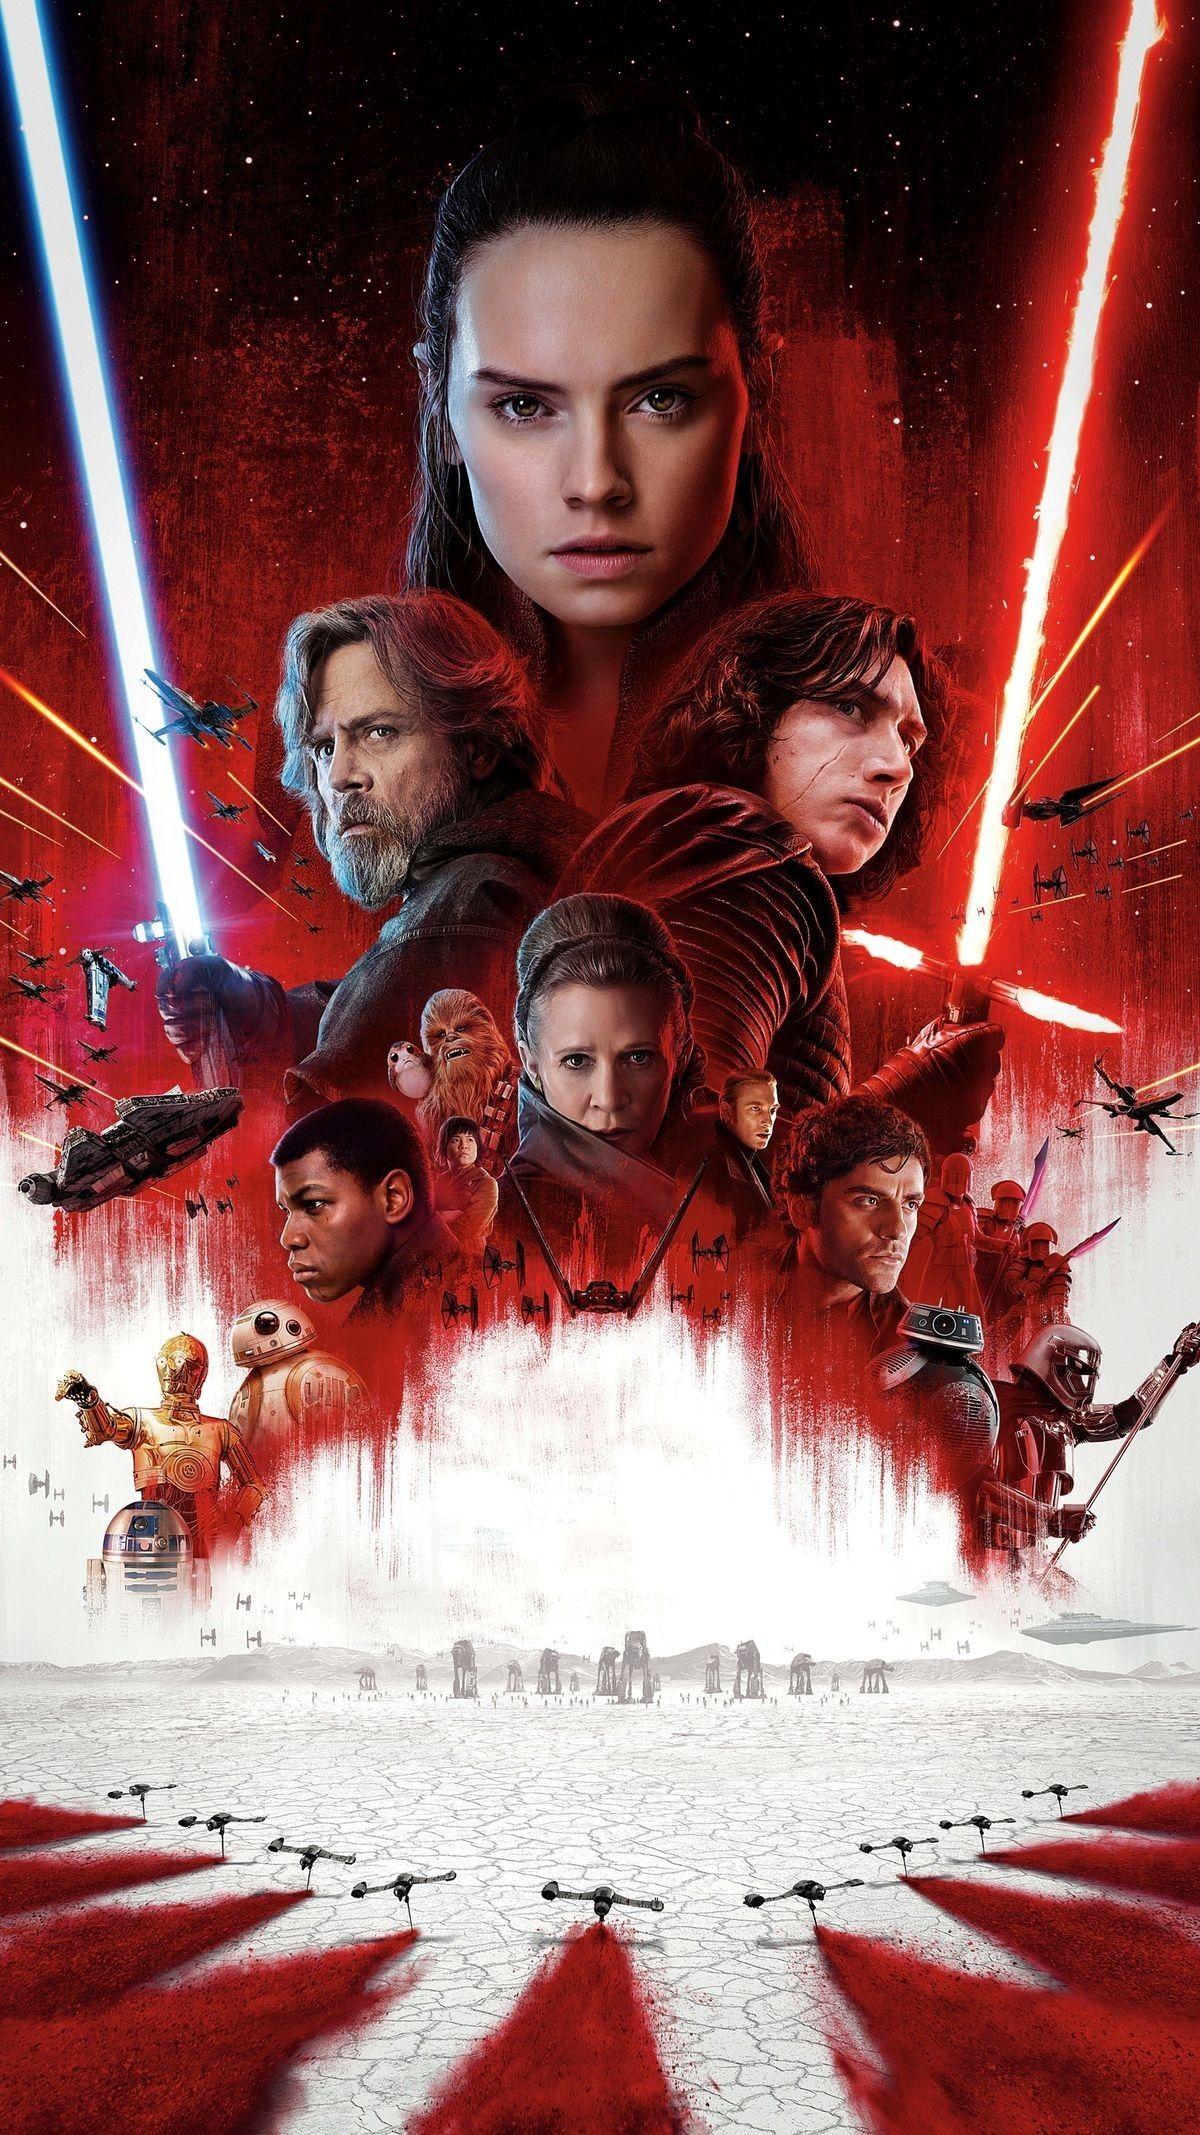 Pin De Justin Tuttle Em Star Wars The Light Side Imagens Star Wars Posteres De Filmes Presentes Star Wars